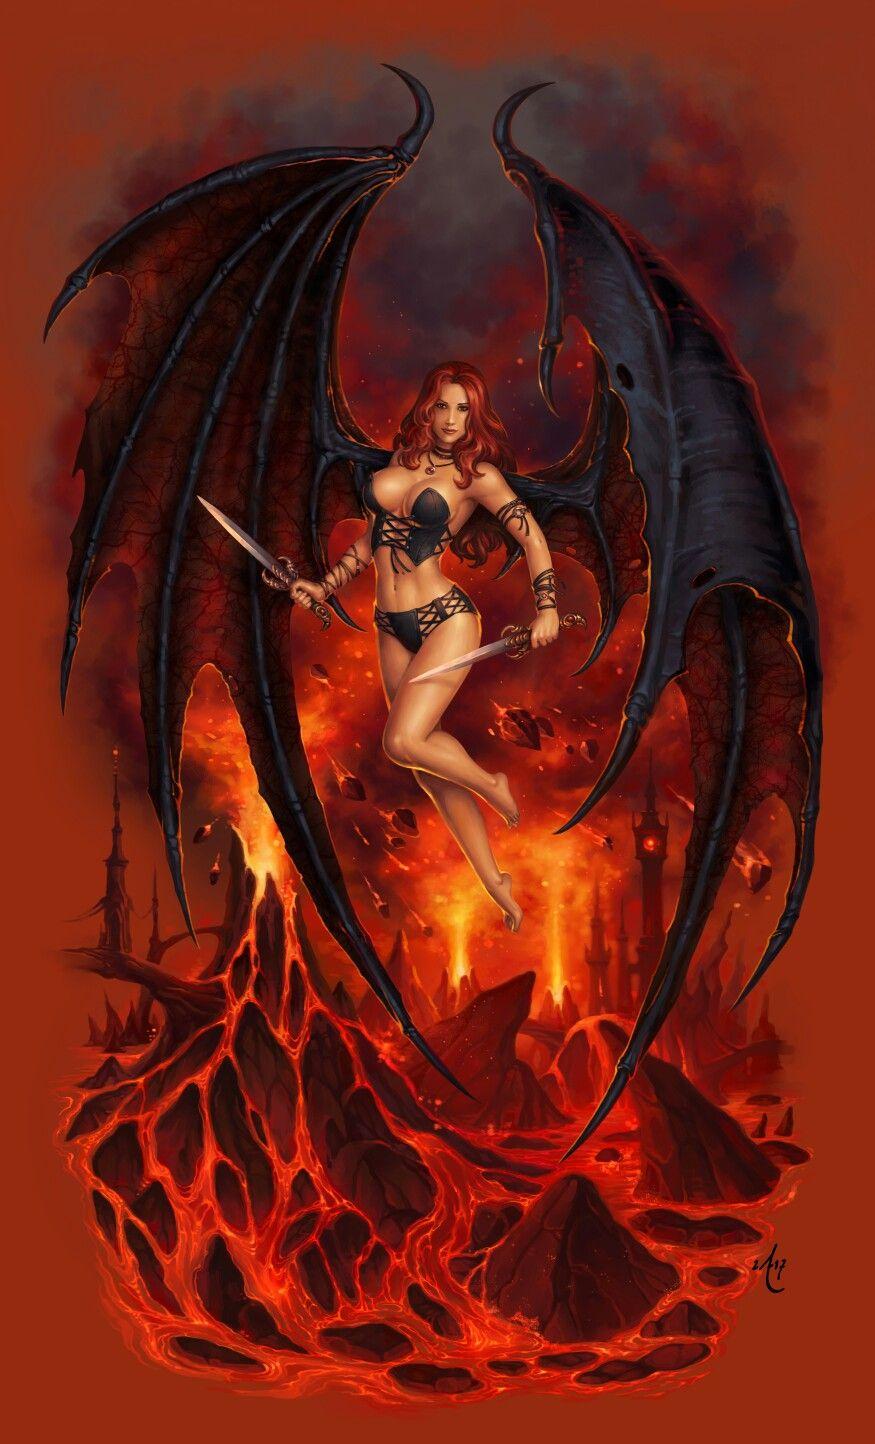 Картинки красивых демонов и дьяволов